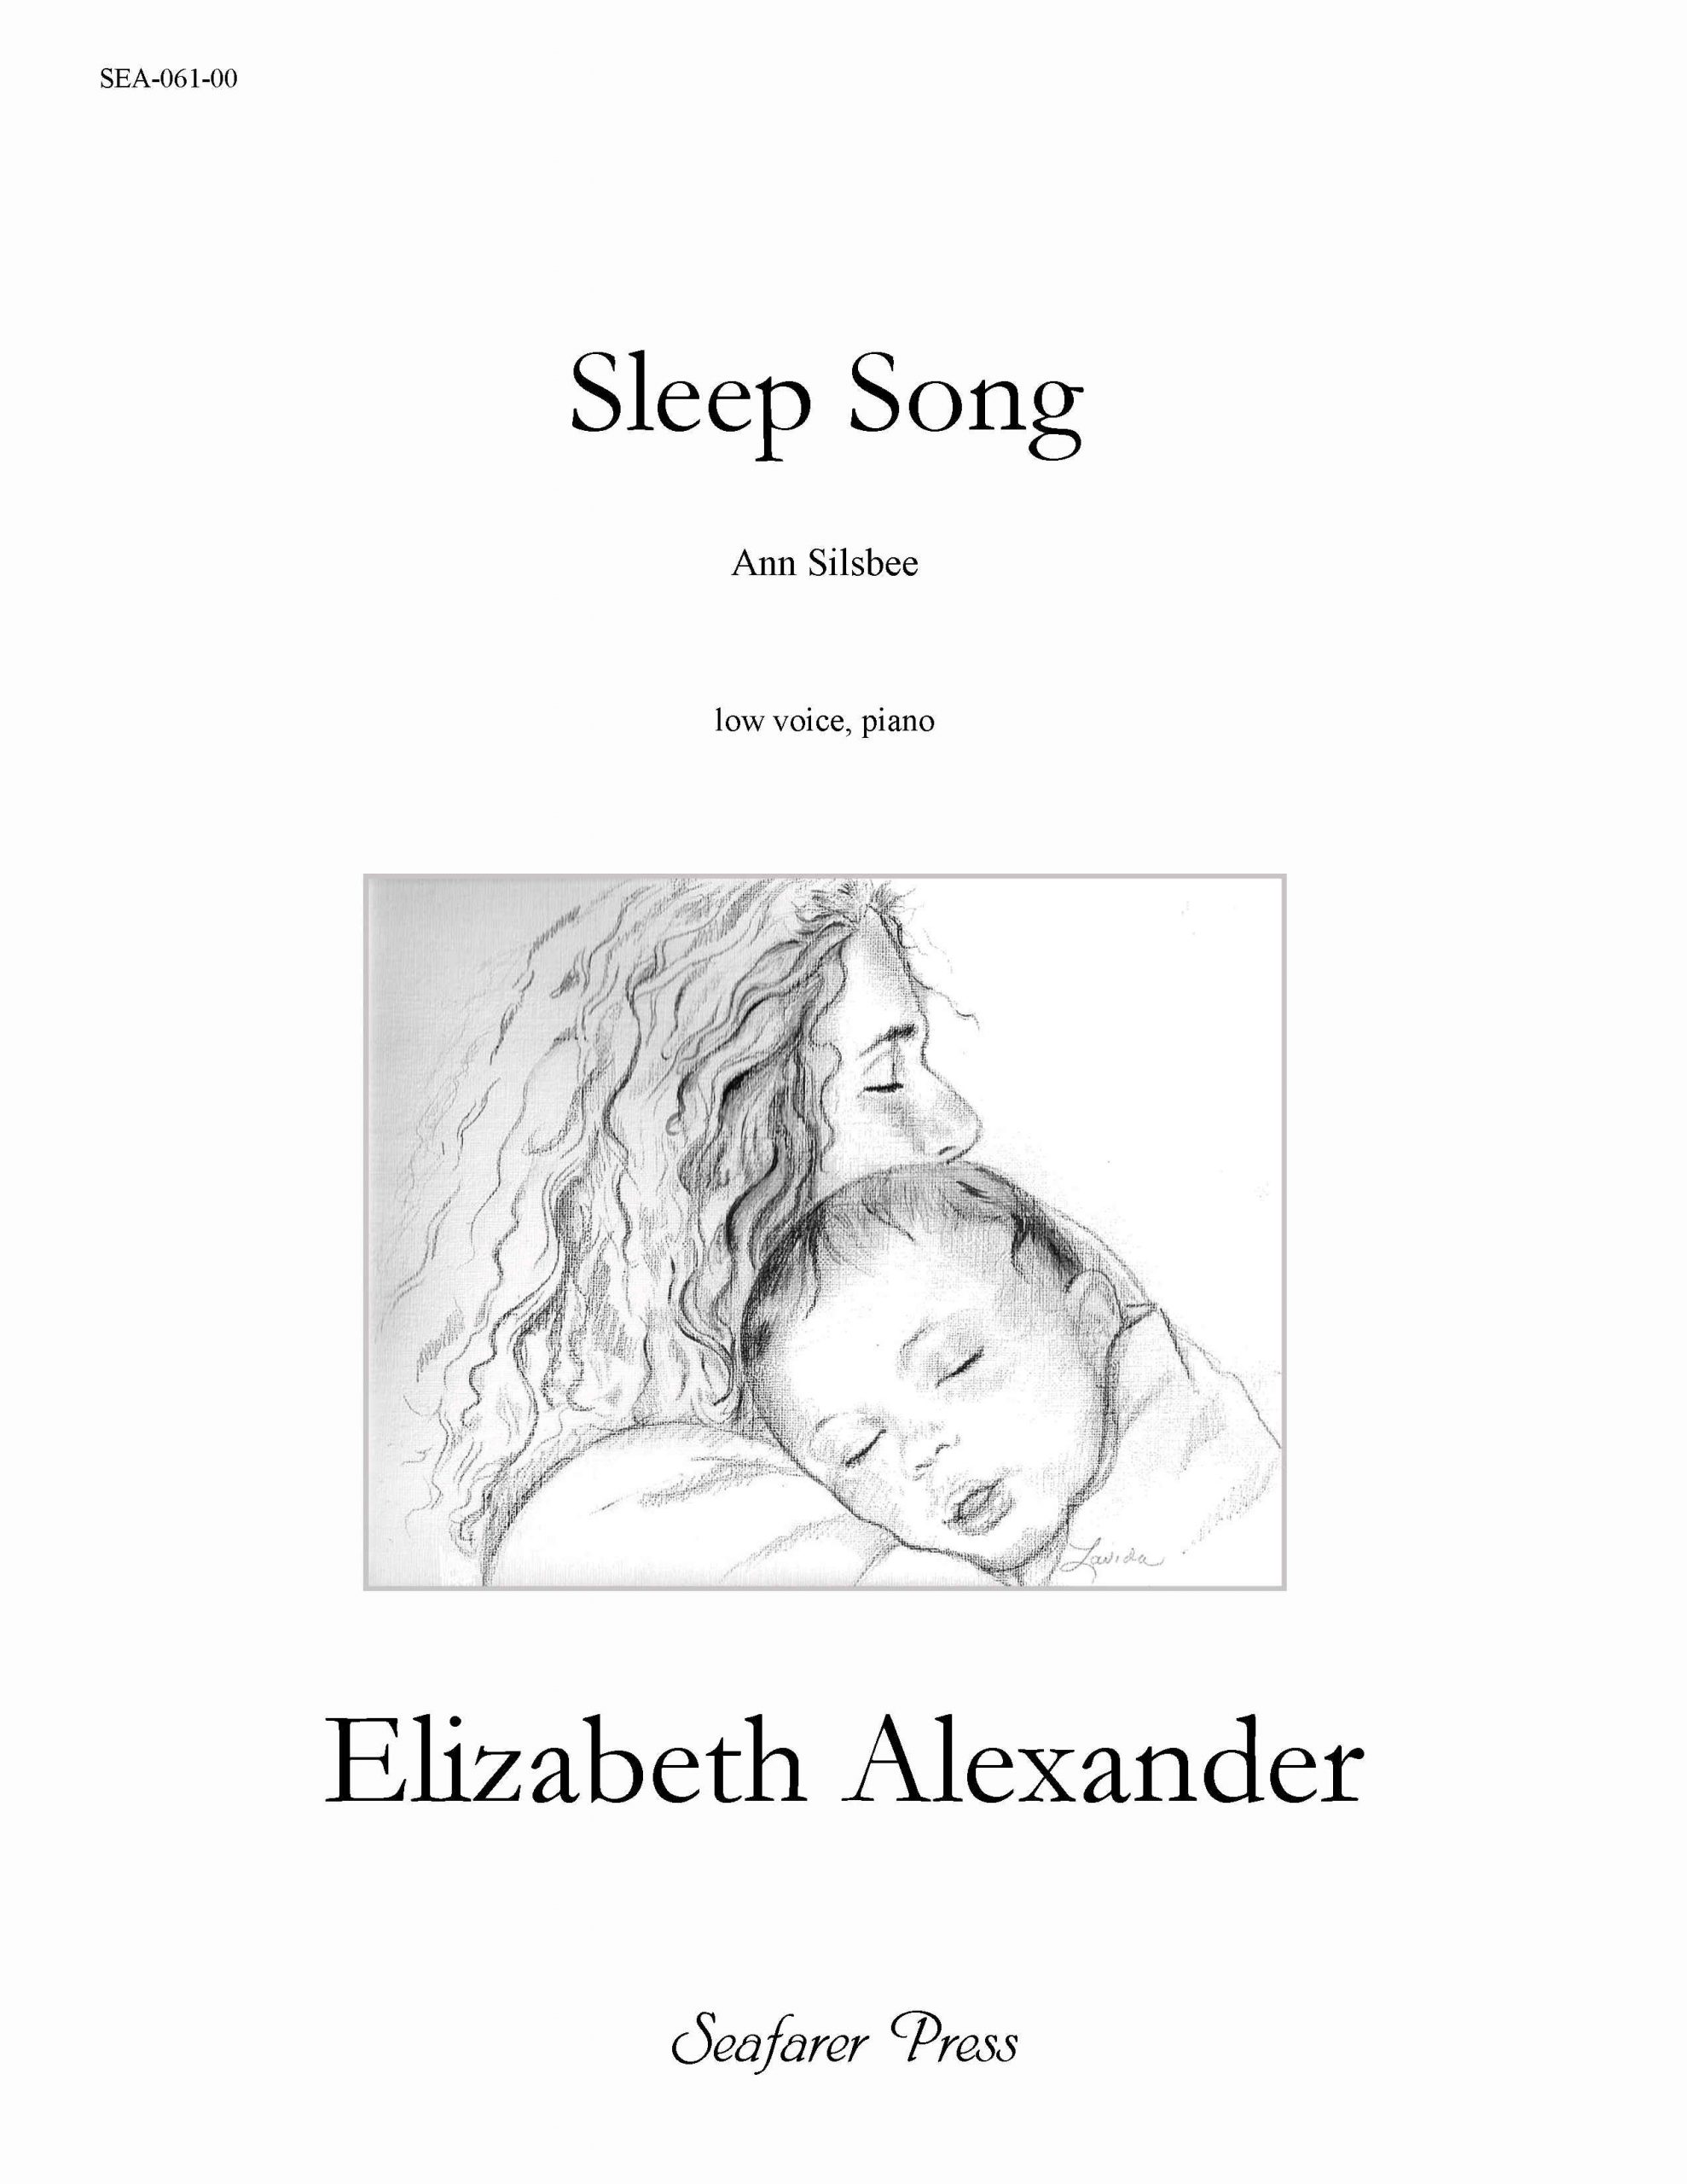 SEA-061-00 - Sleep Song